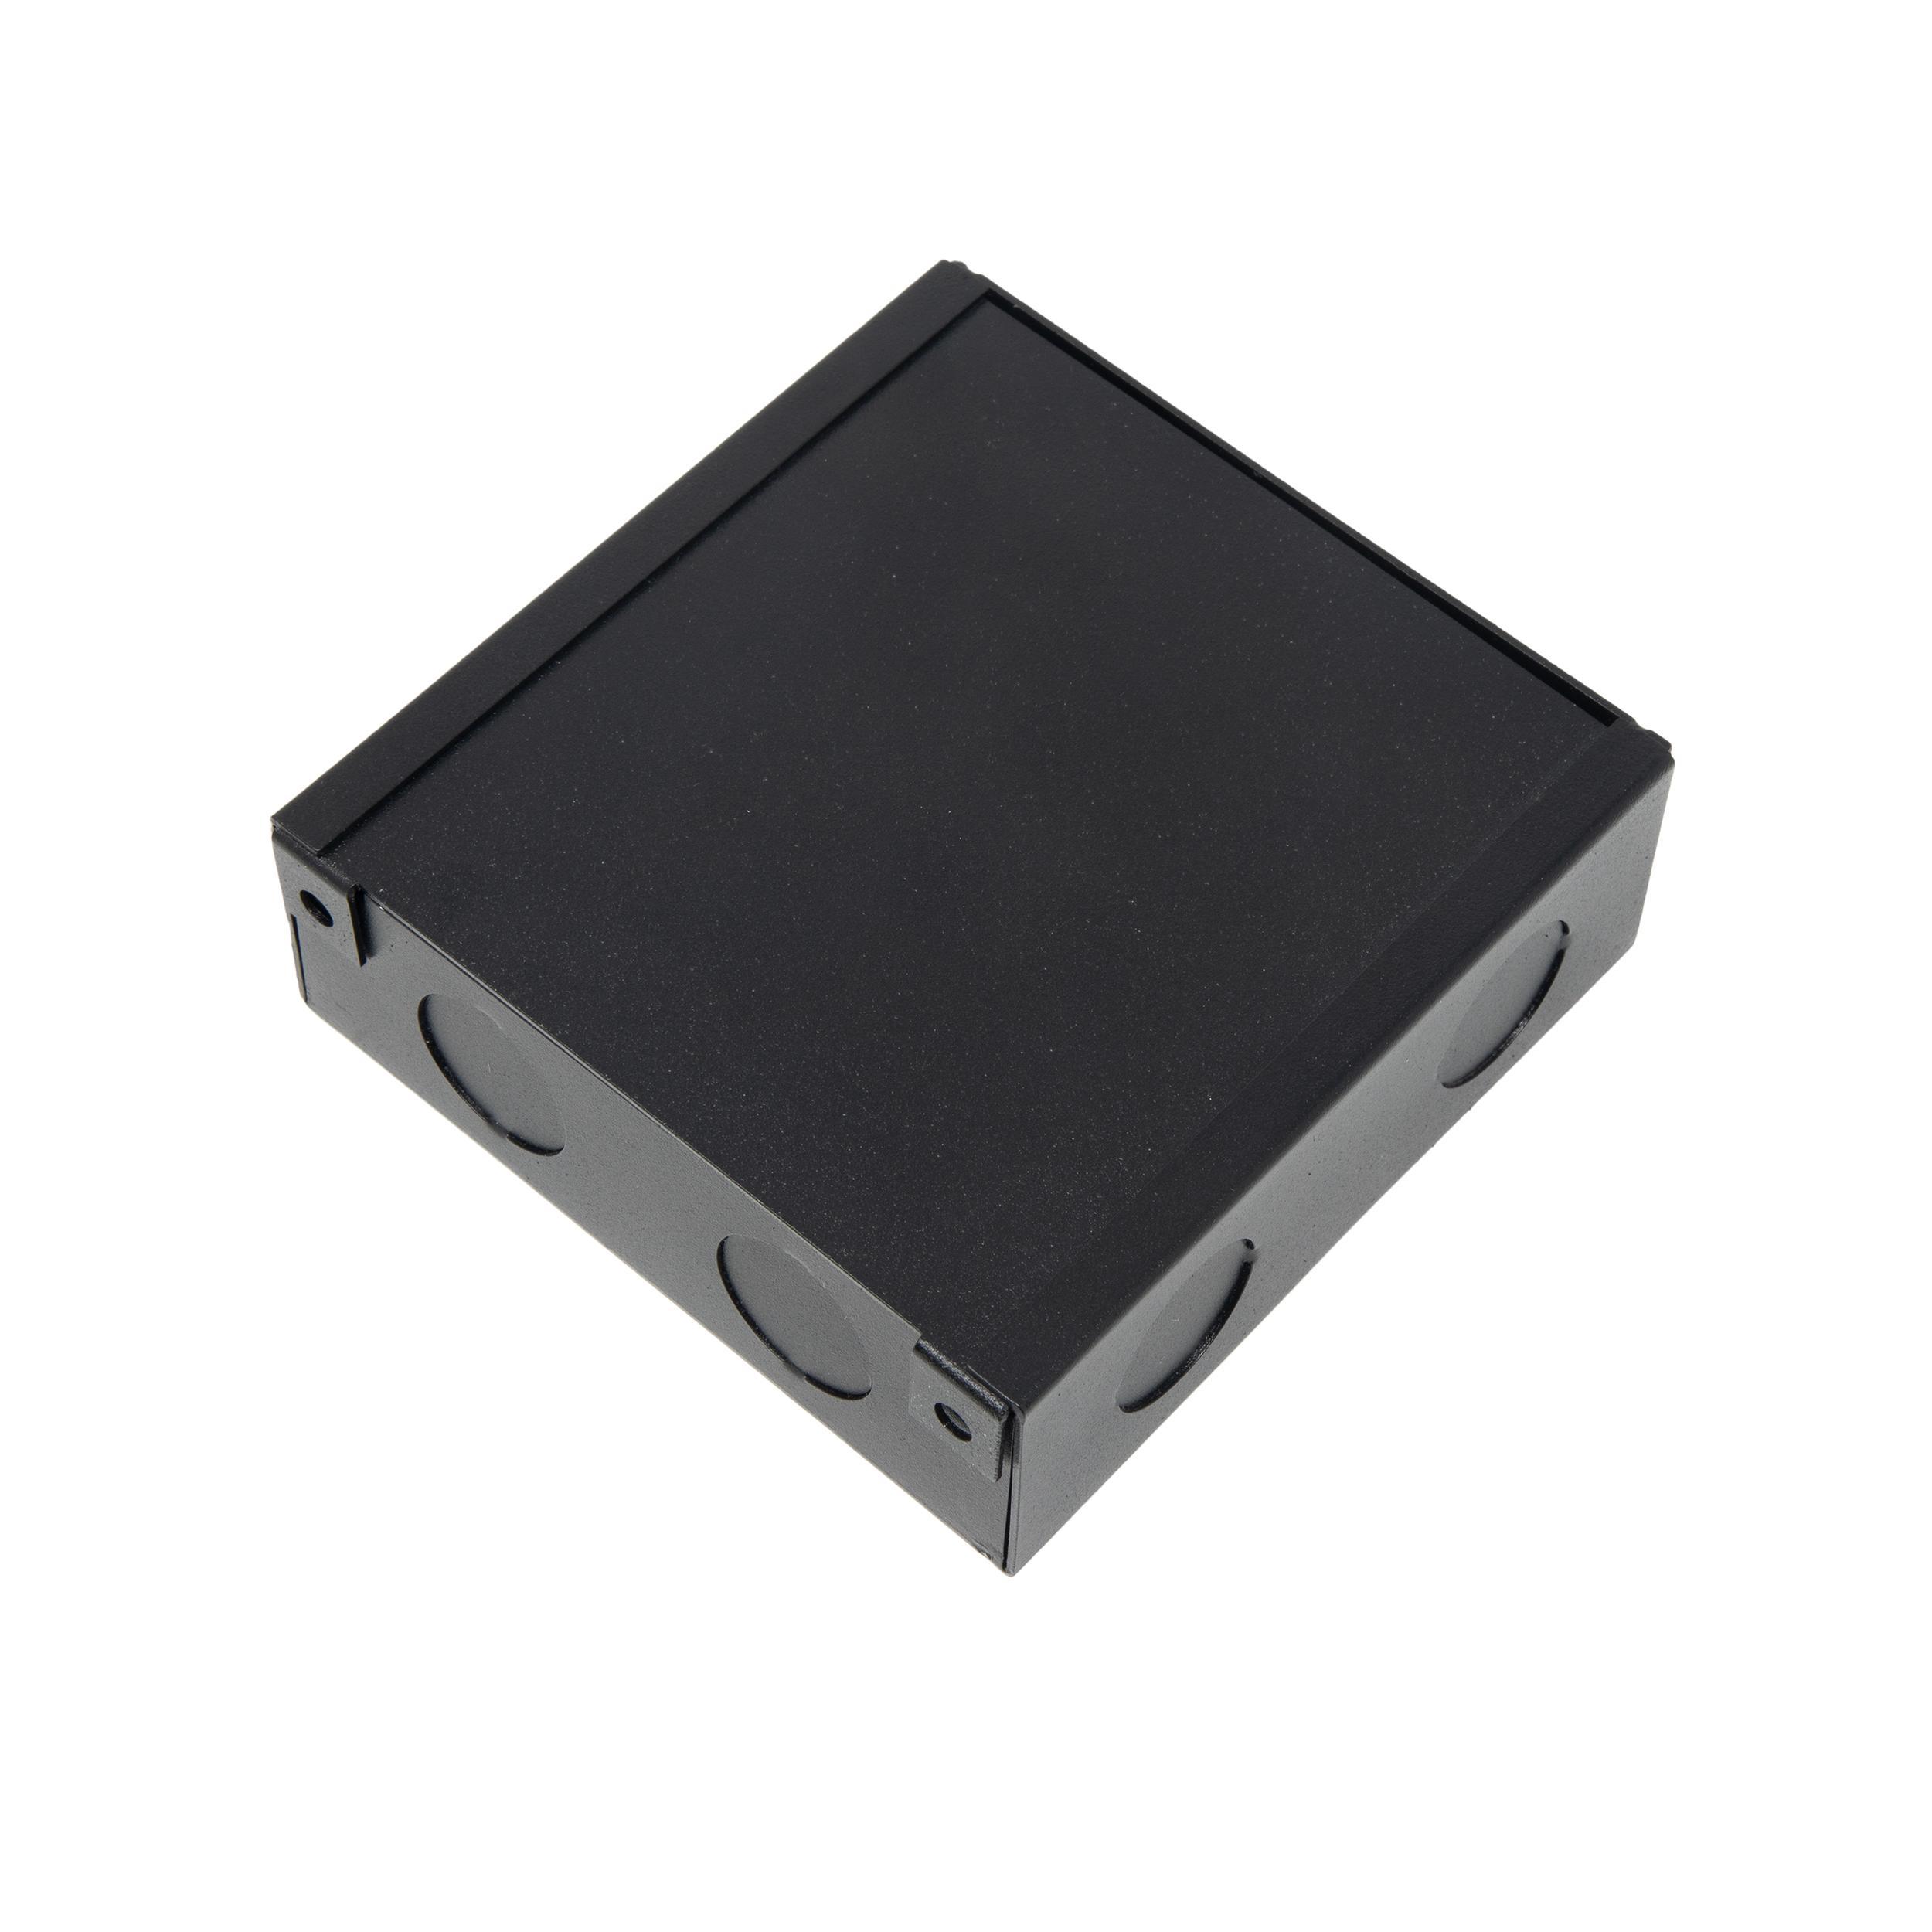 LO-PRO Junction Box for MikroDIM